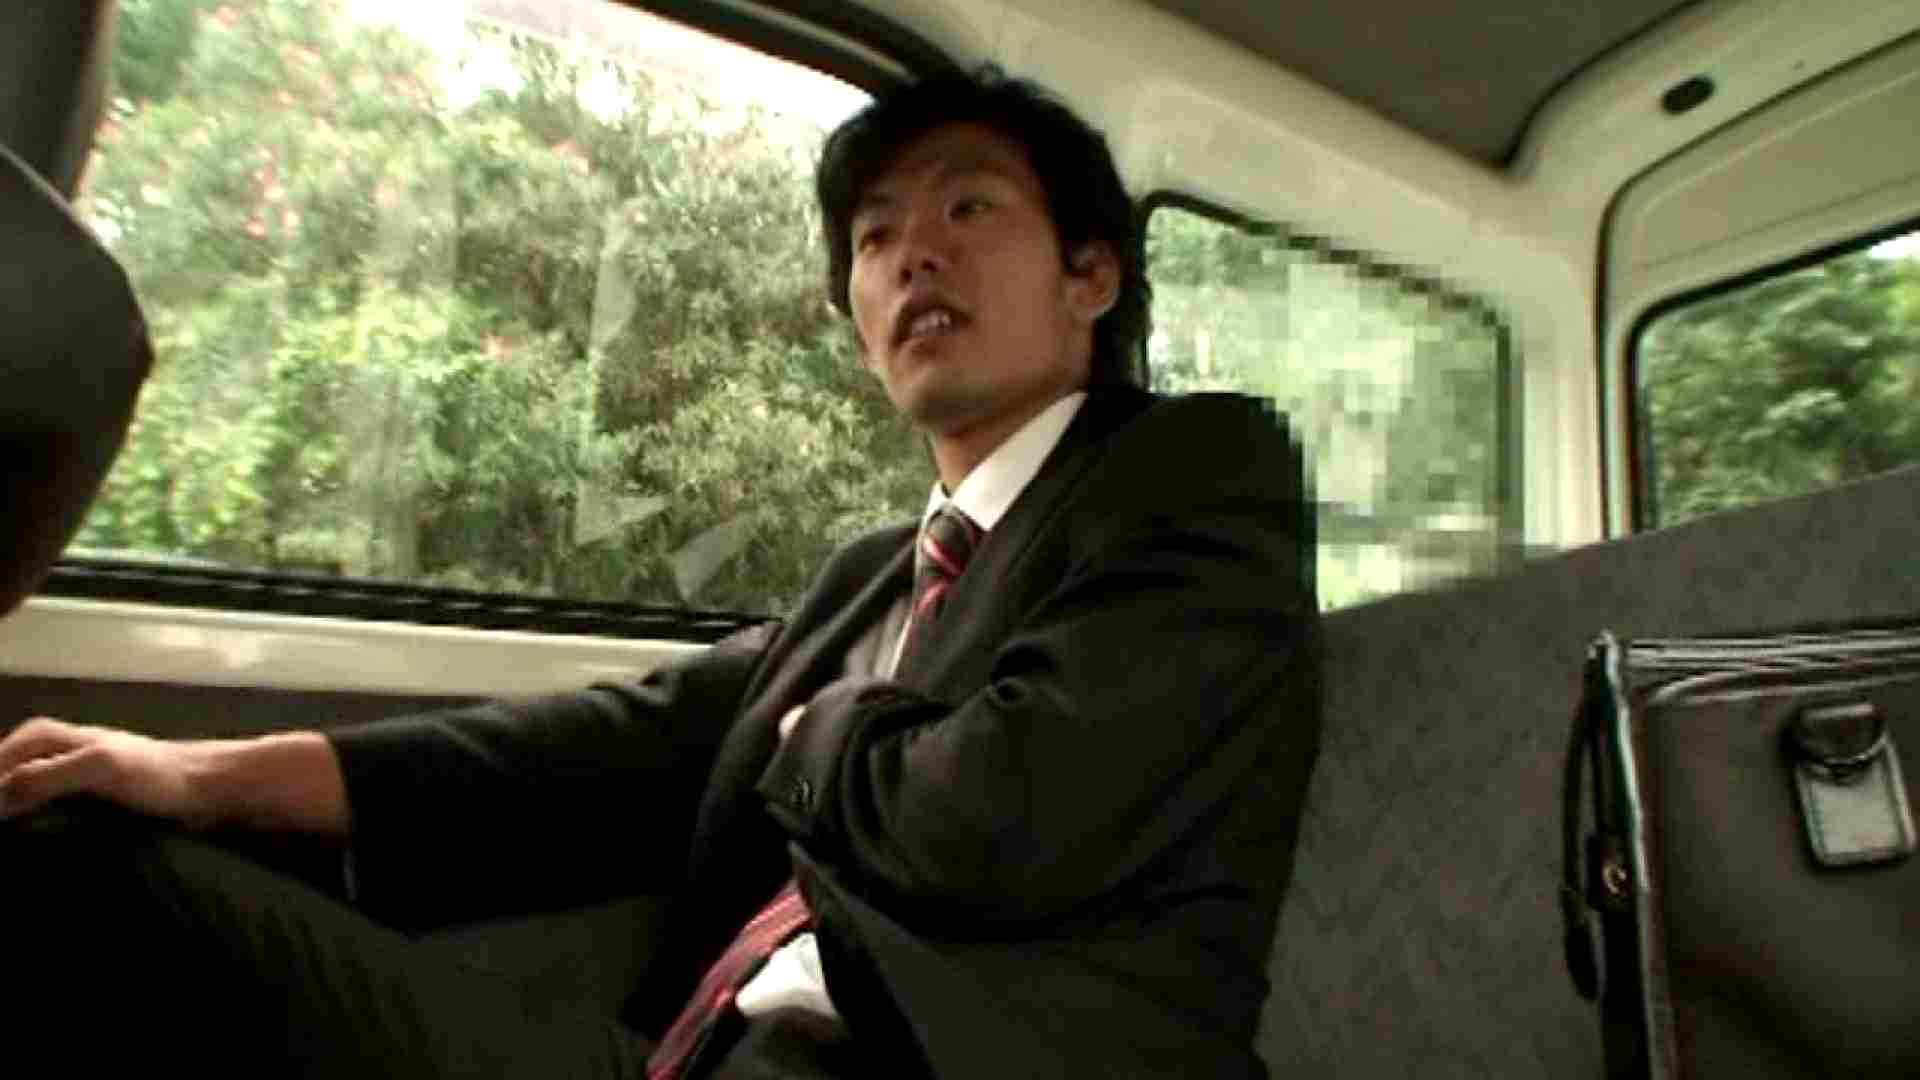 亜細亜のイケメンがイクっ!File.06 ゲイイメージ ゲイアダルトビデオ画像 105pic 6